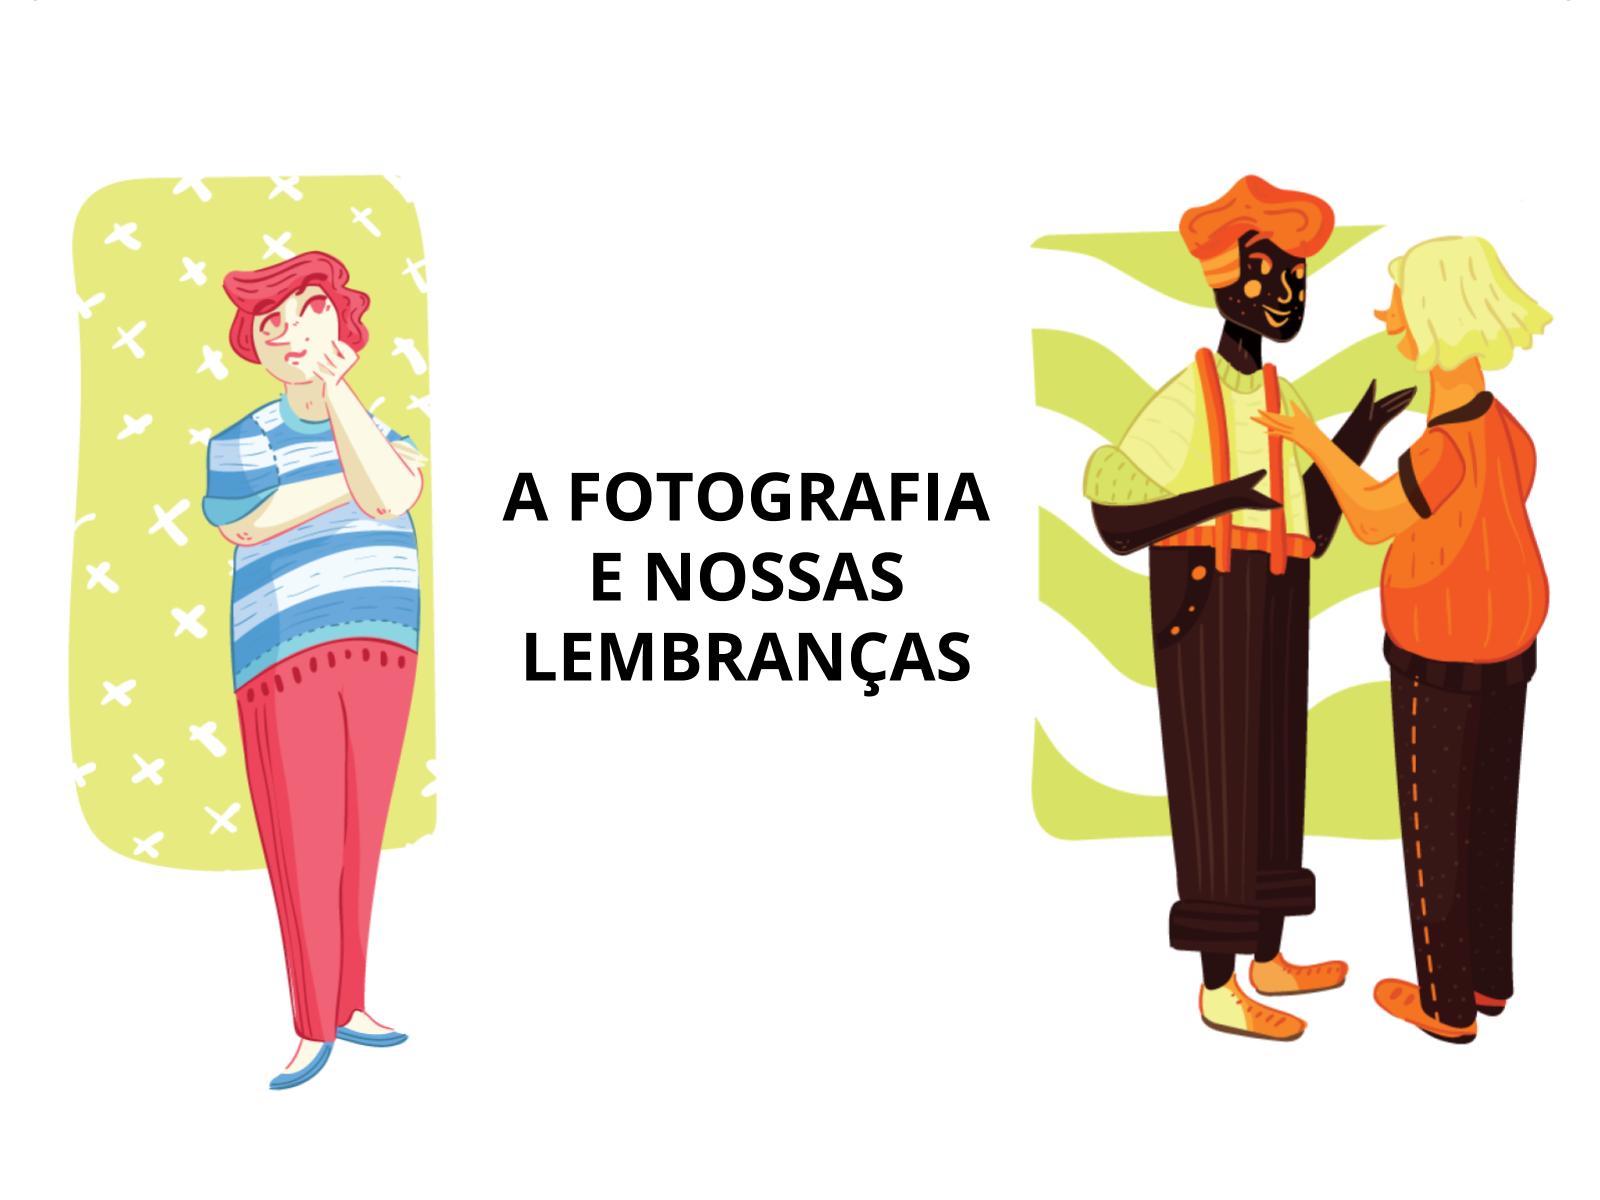 Foto Lembrança